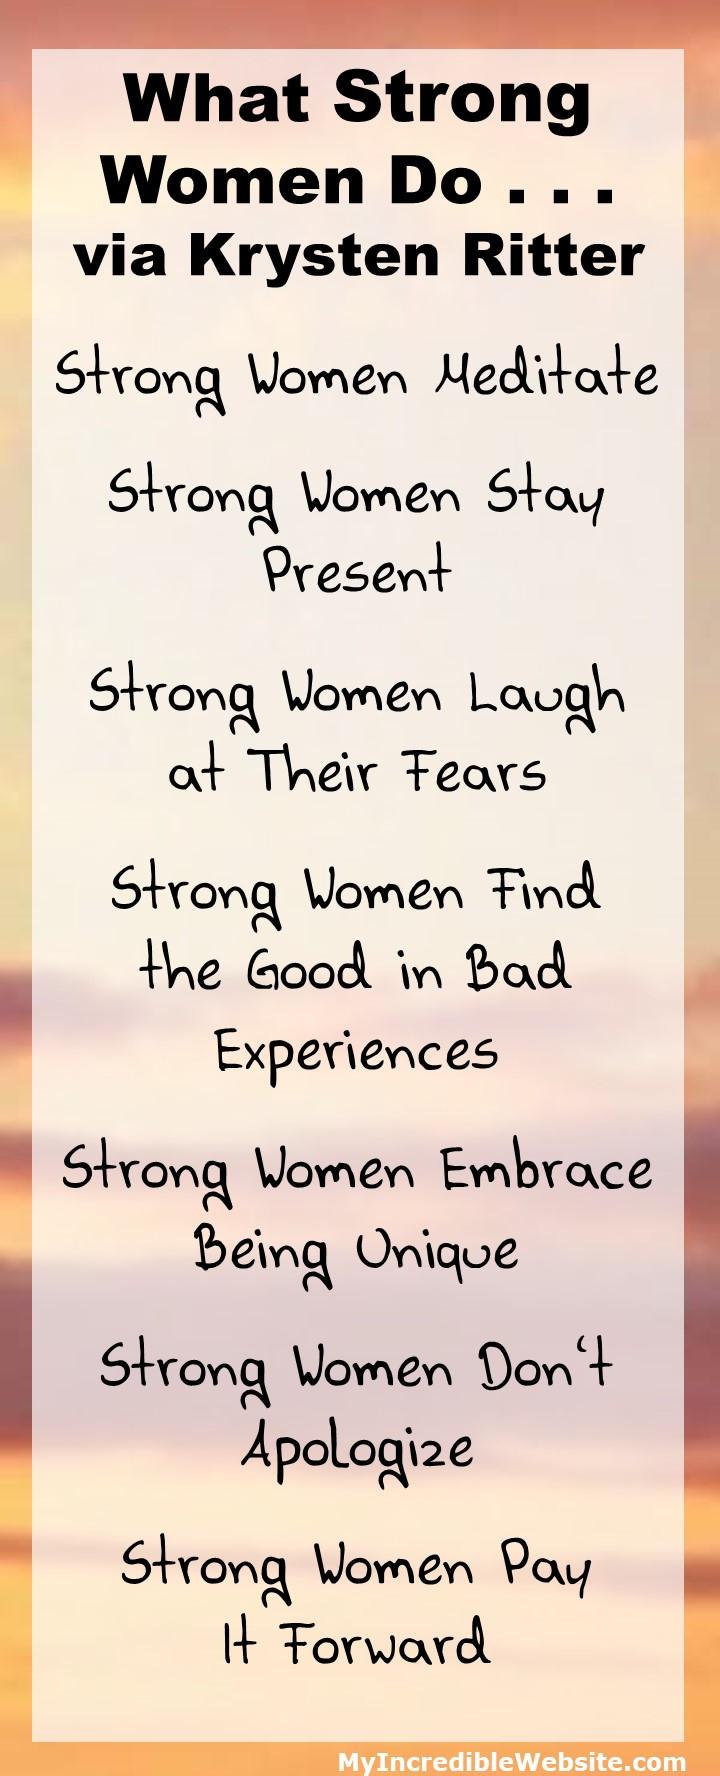 Krysten Ritter on What Strong Women Do